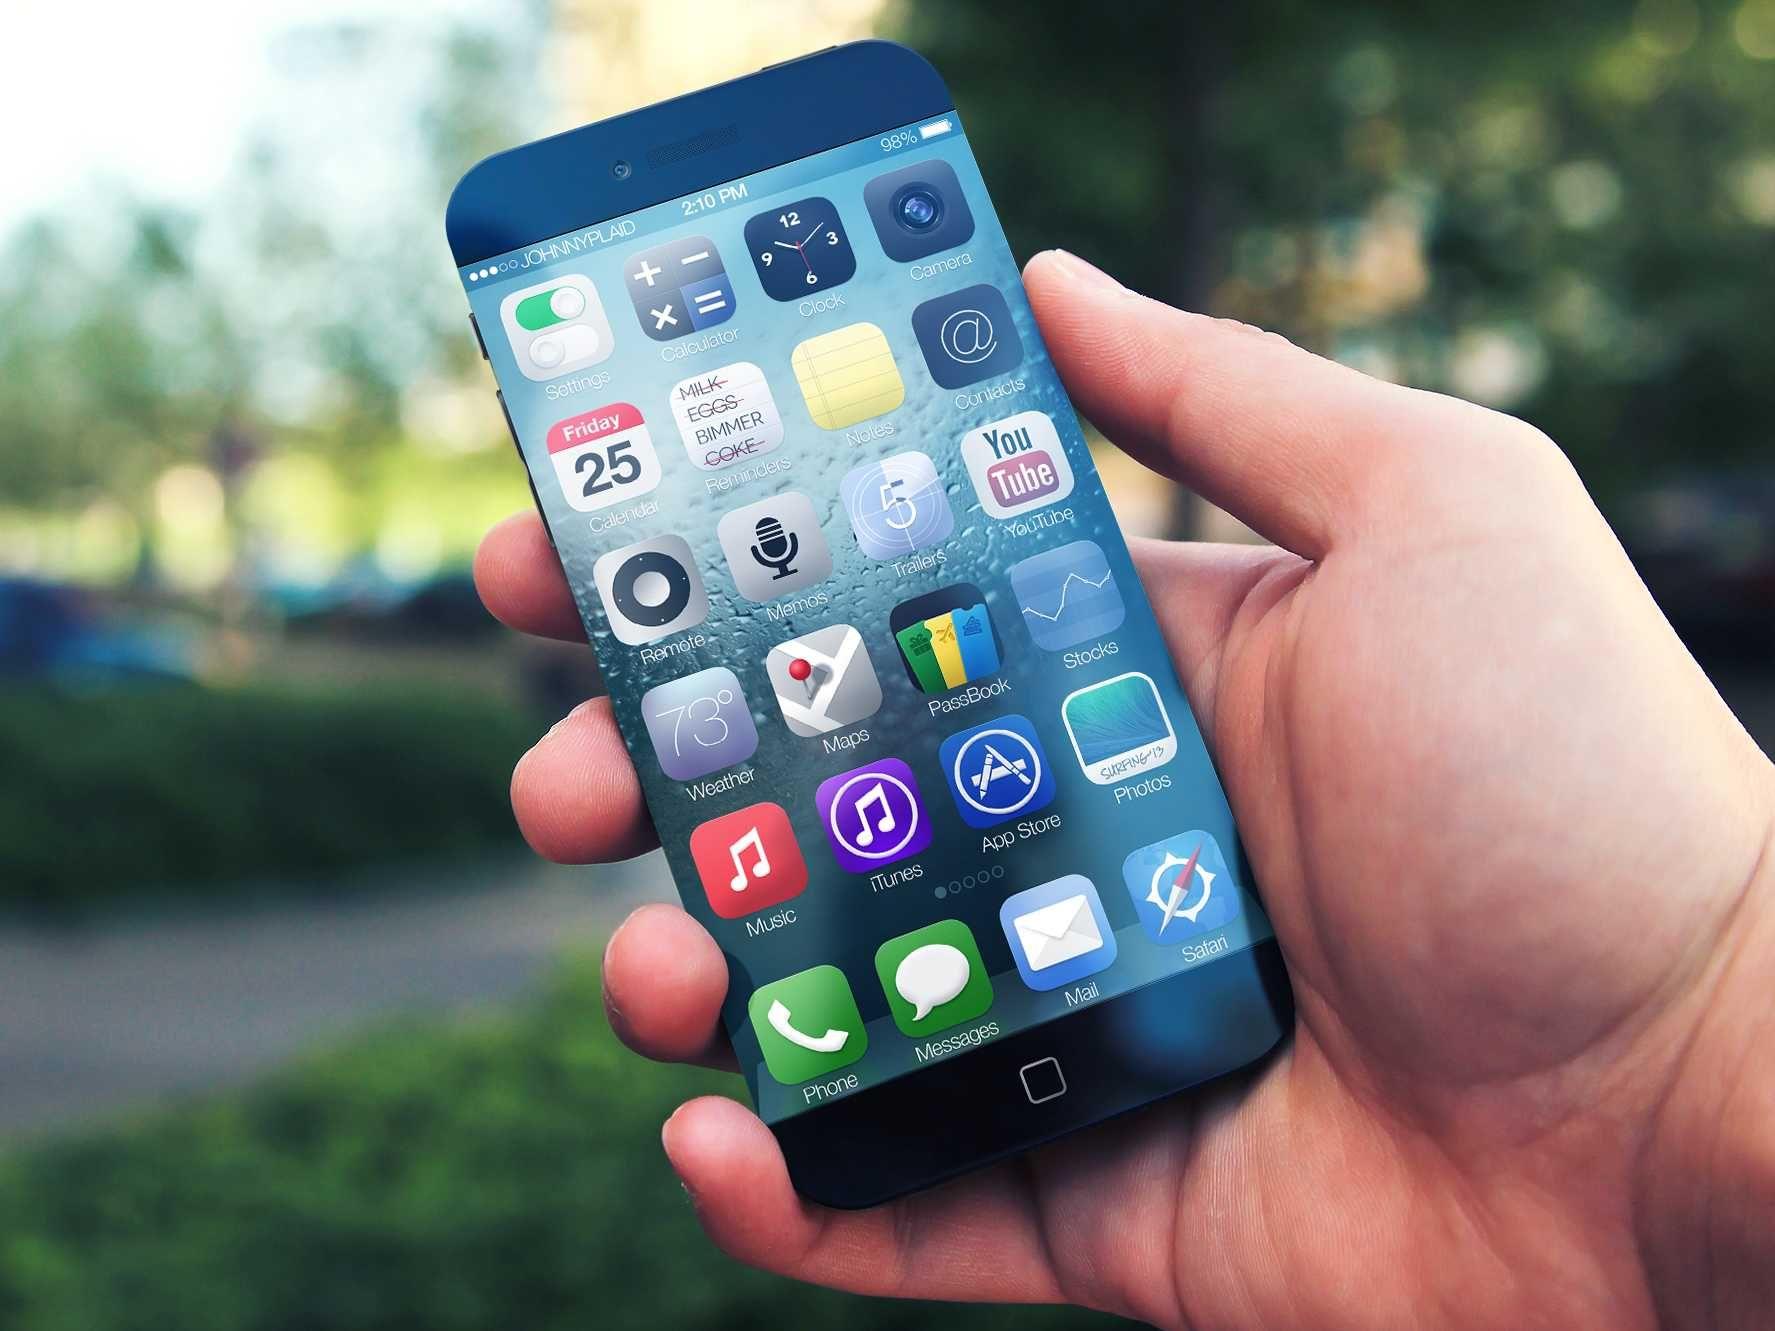 İşte iPhone 6'nın özellikleri, fiyatı ve çıkış tarihi